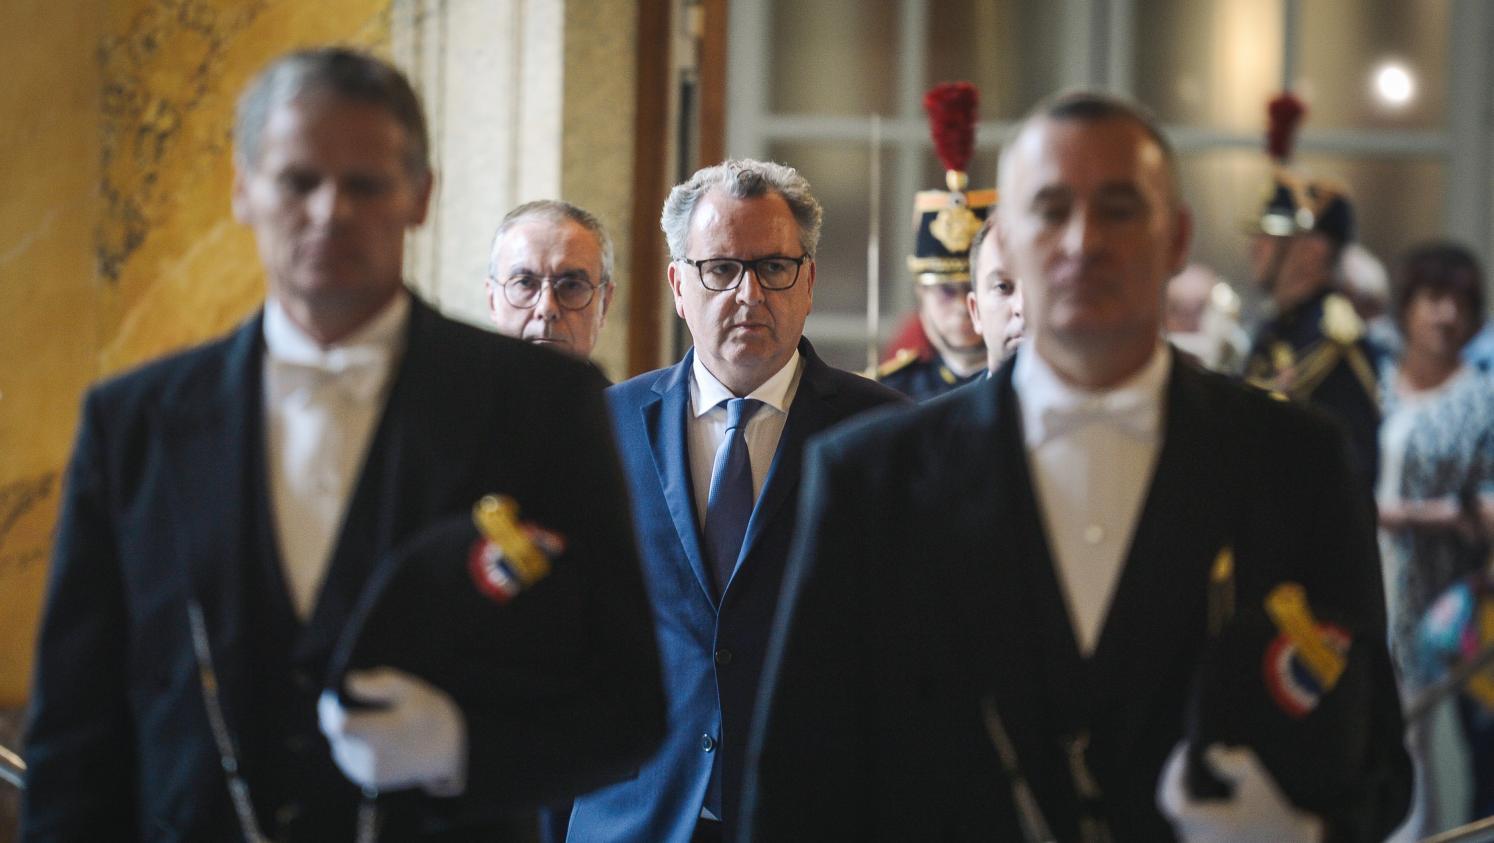 Soutien, embarras ou appel à la démission : la classe politique divisée sur le cas Richard Ferrand - franceinfo